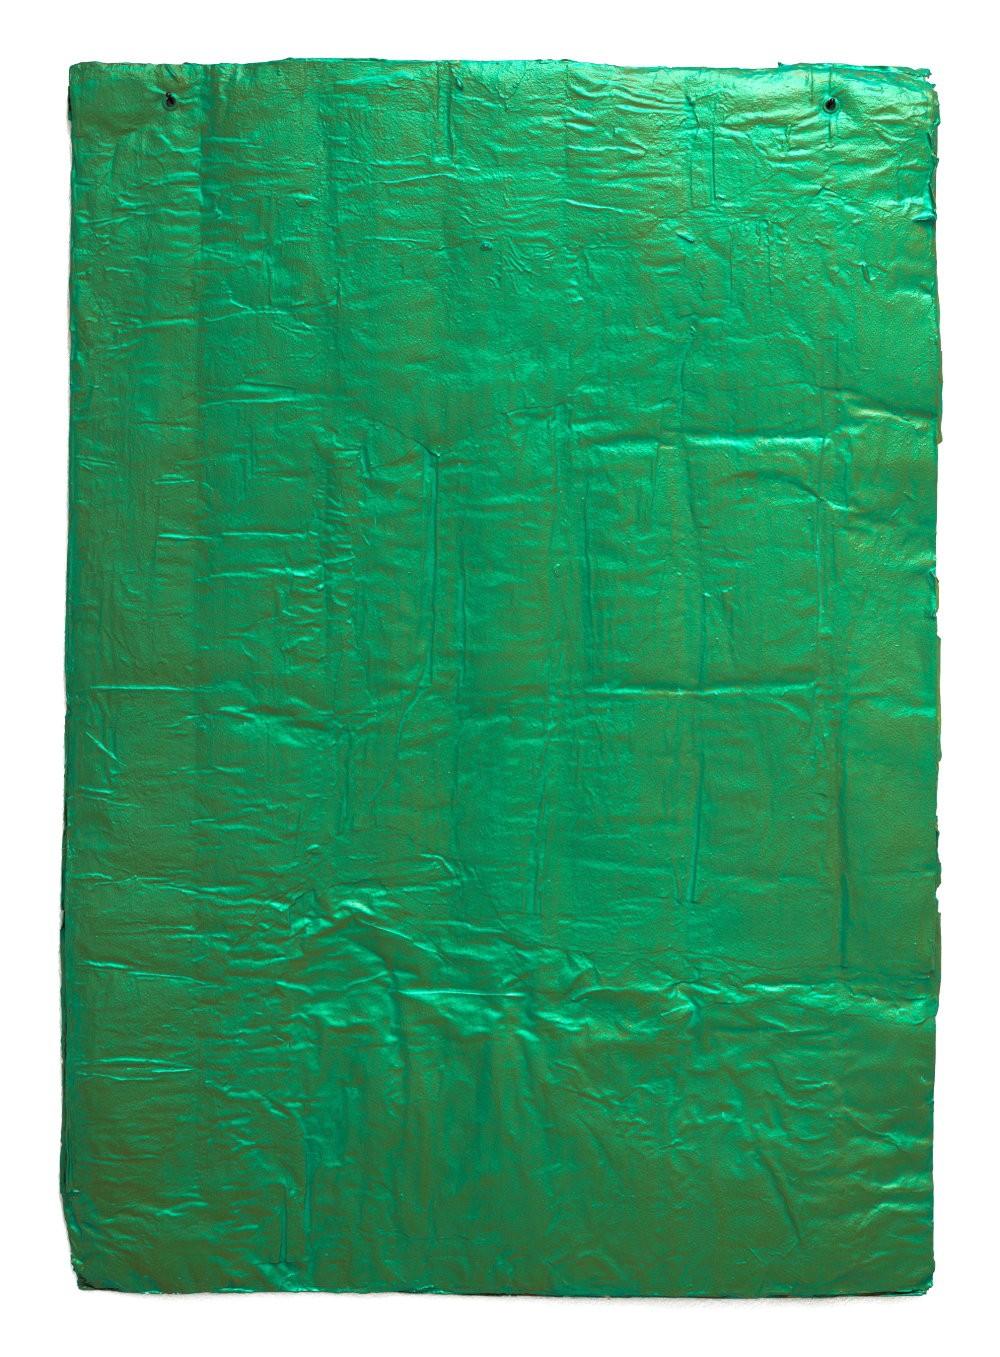 o.T. / Acryl auf Plakatkarton, 84 x 59 cm, 2011